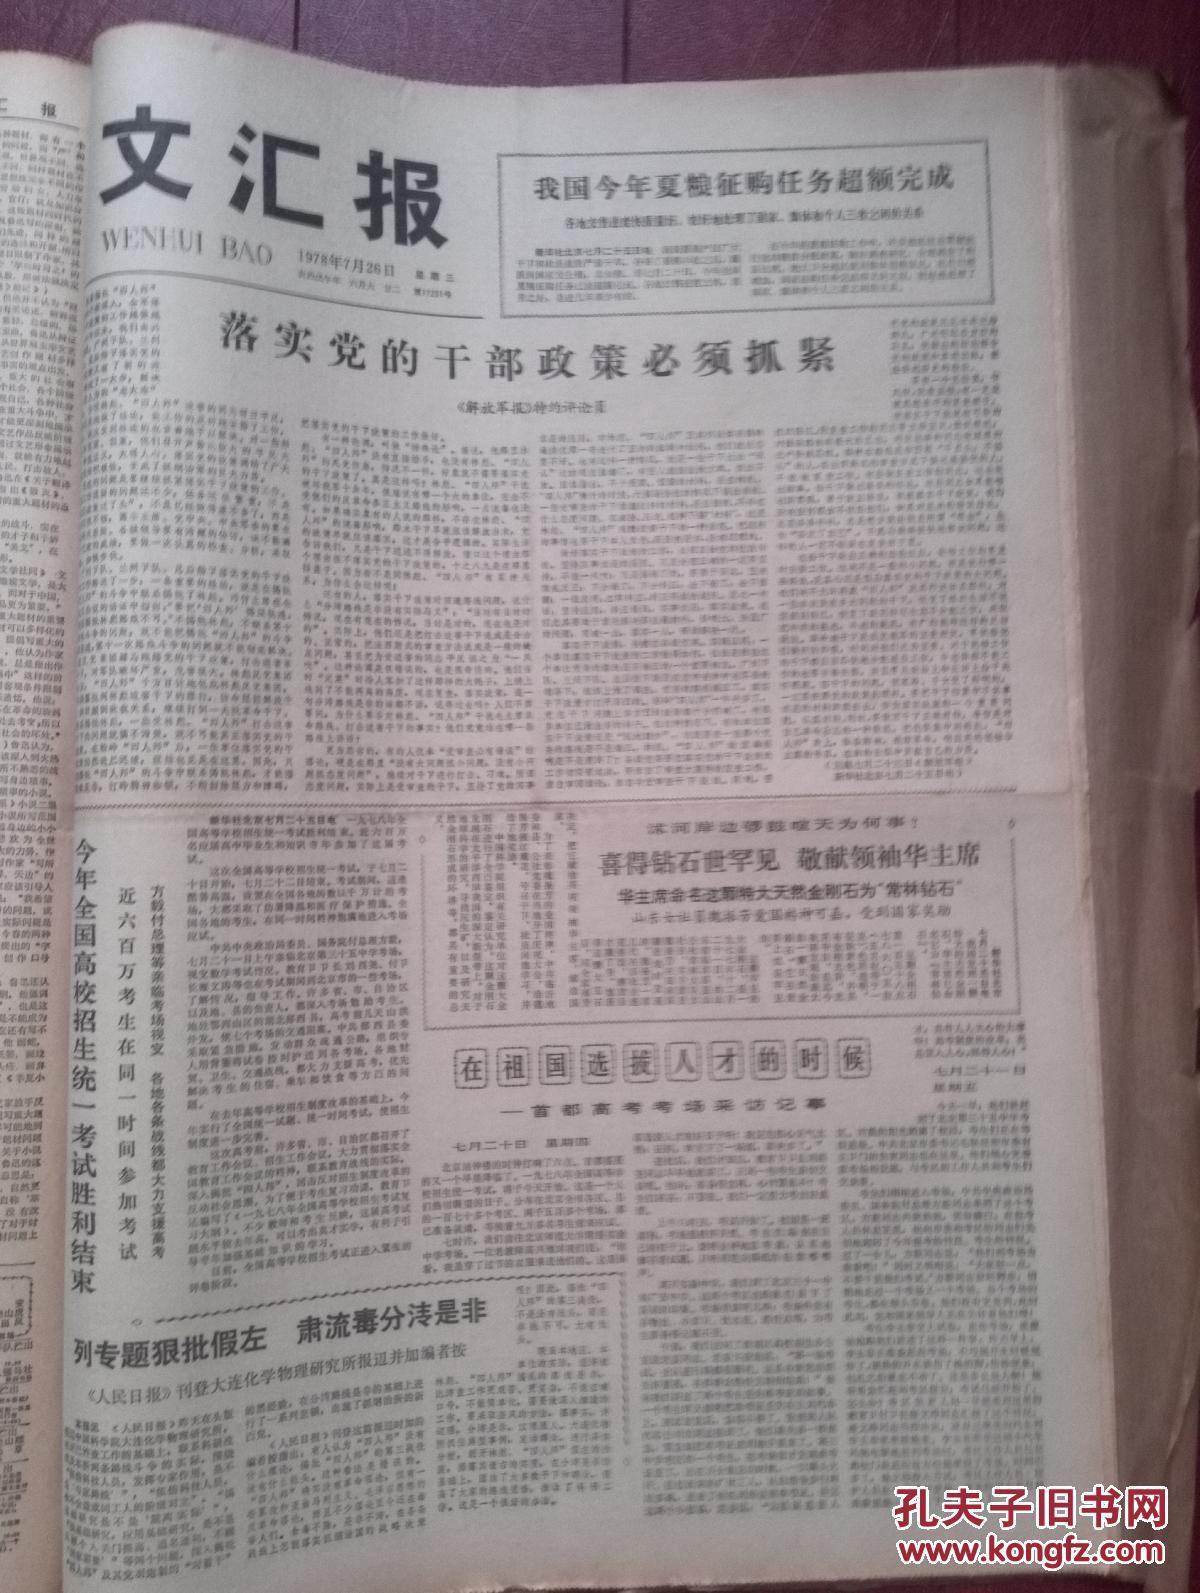 文汇报1978年7月26日1978全国高考胜利结束,山东魏振芳喜得钻石献国家